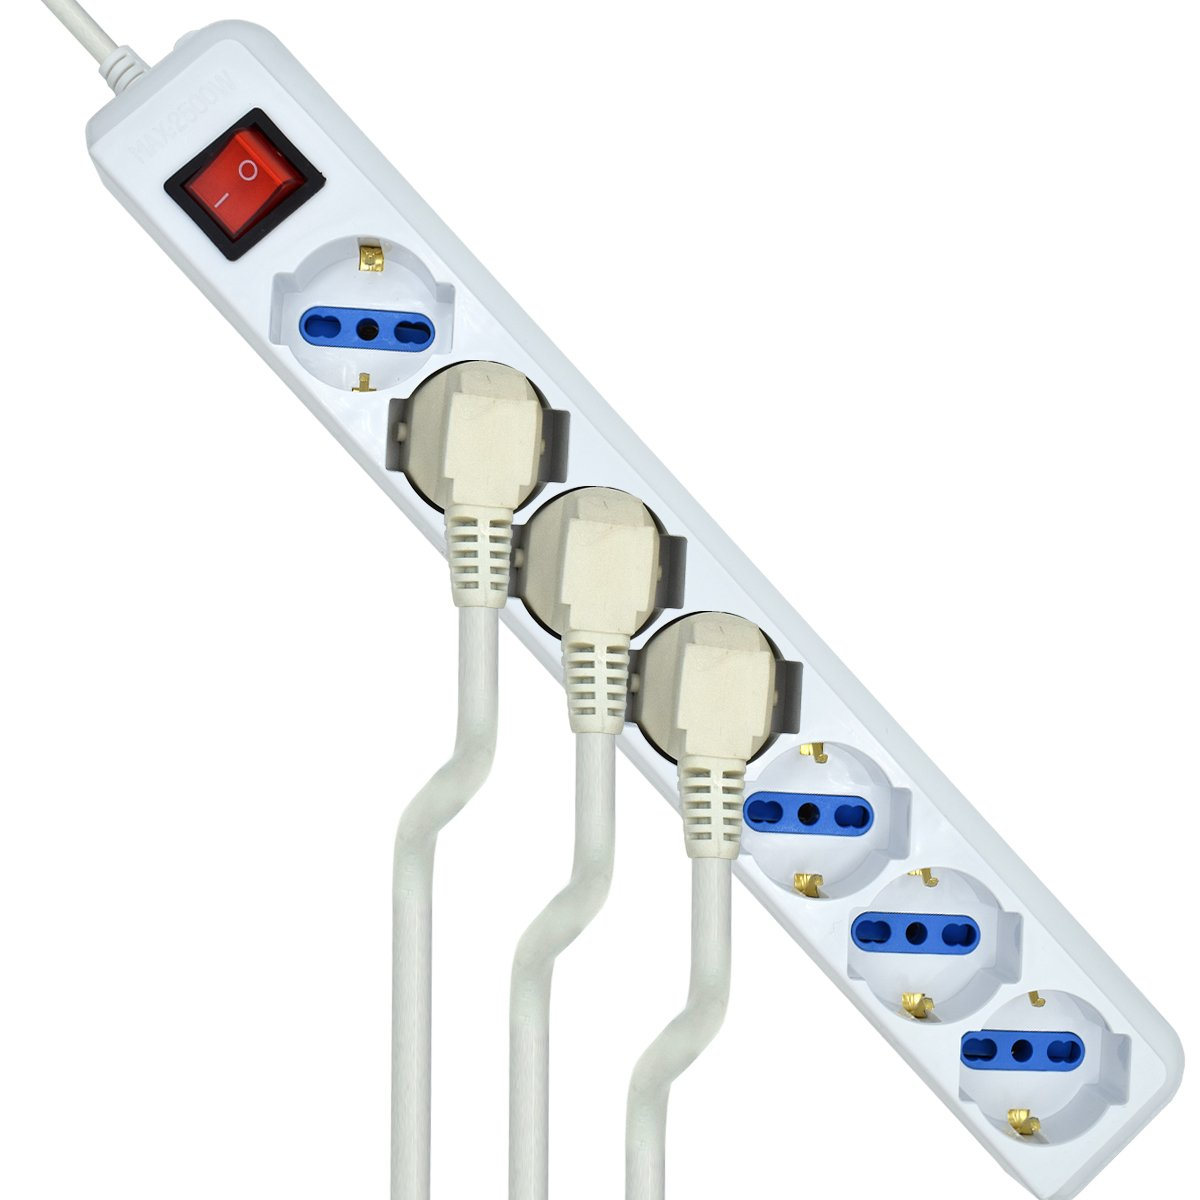 Ewent EW3927 Multipresa Ciabatta Elettrica con 7 Prese Universali ITA 10//16A e Schuko bipasso Bianco Cavo 1,5 m con Spina Italiana 16A Interruttore Luminoso